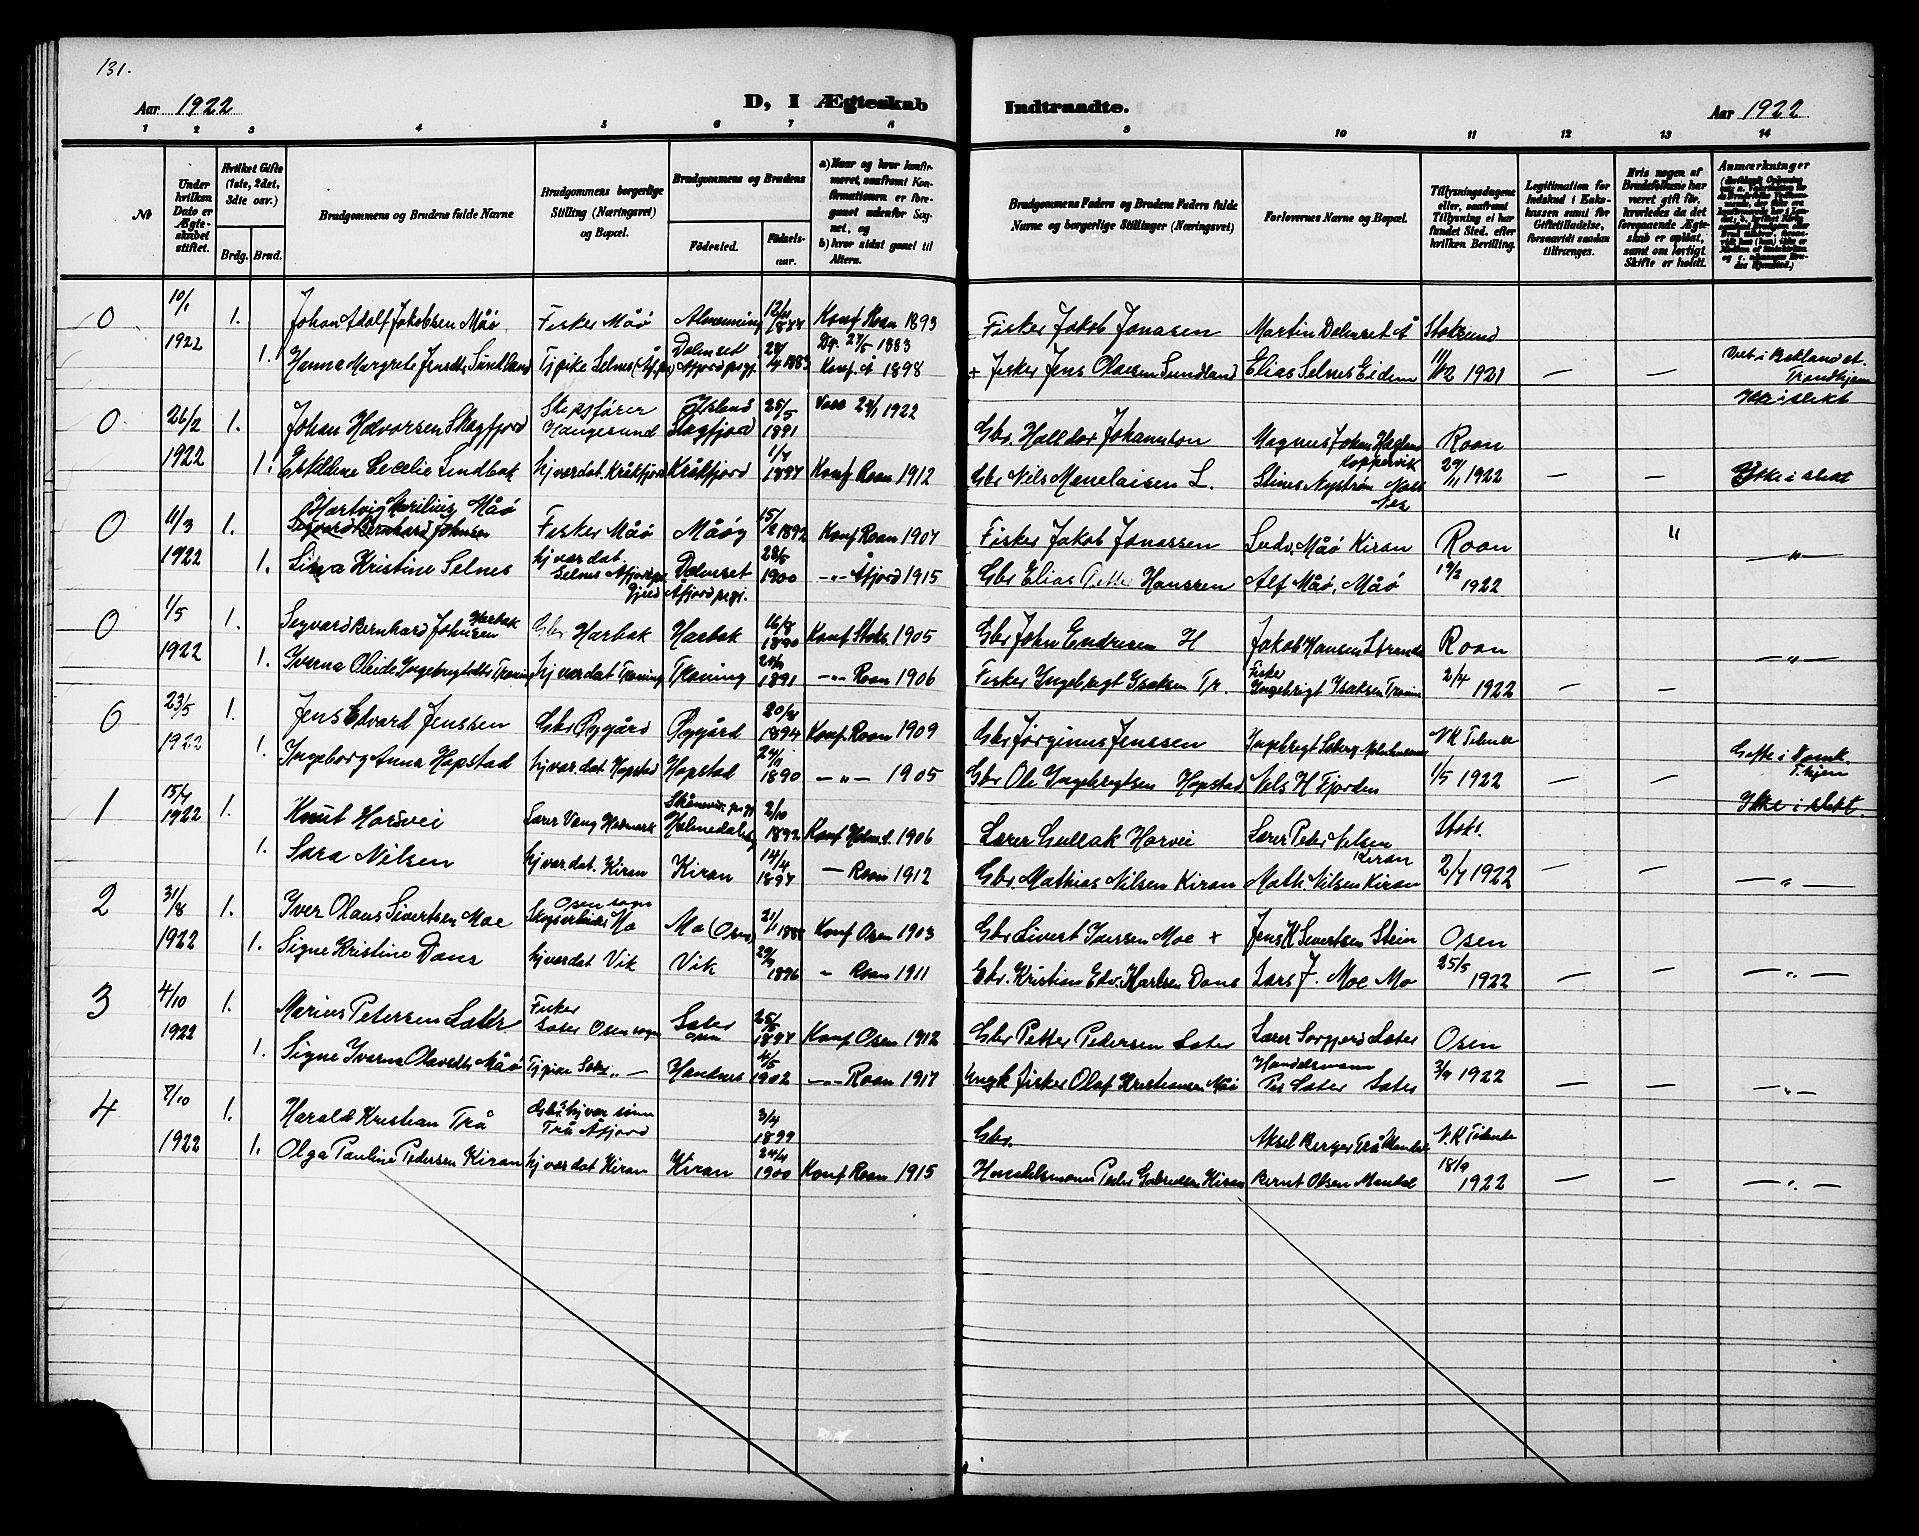 SAT, Ministerialprotokoller, klokkerbøker og fødselsregistre - Sør-Trøndelag, 657/L0717: Klokkerbok nr. 657C04, 1904-1923, s. 131